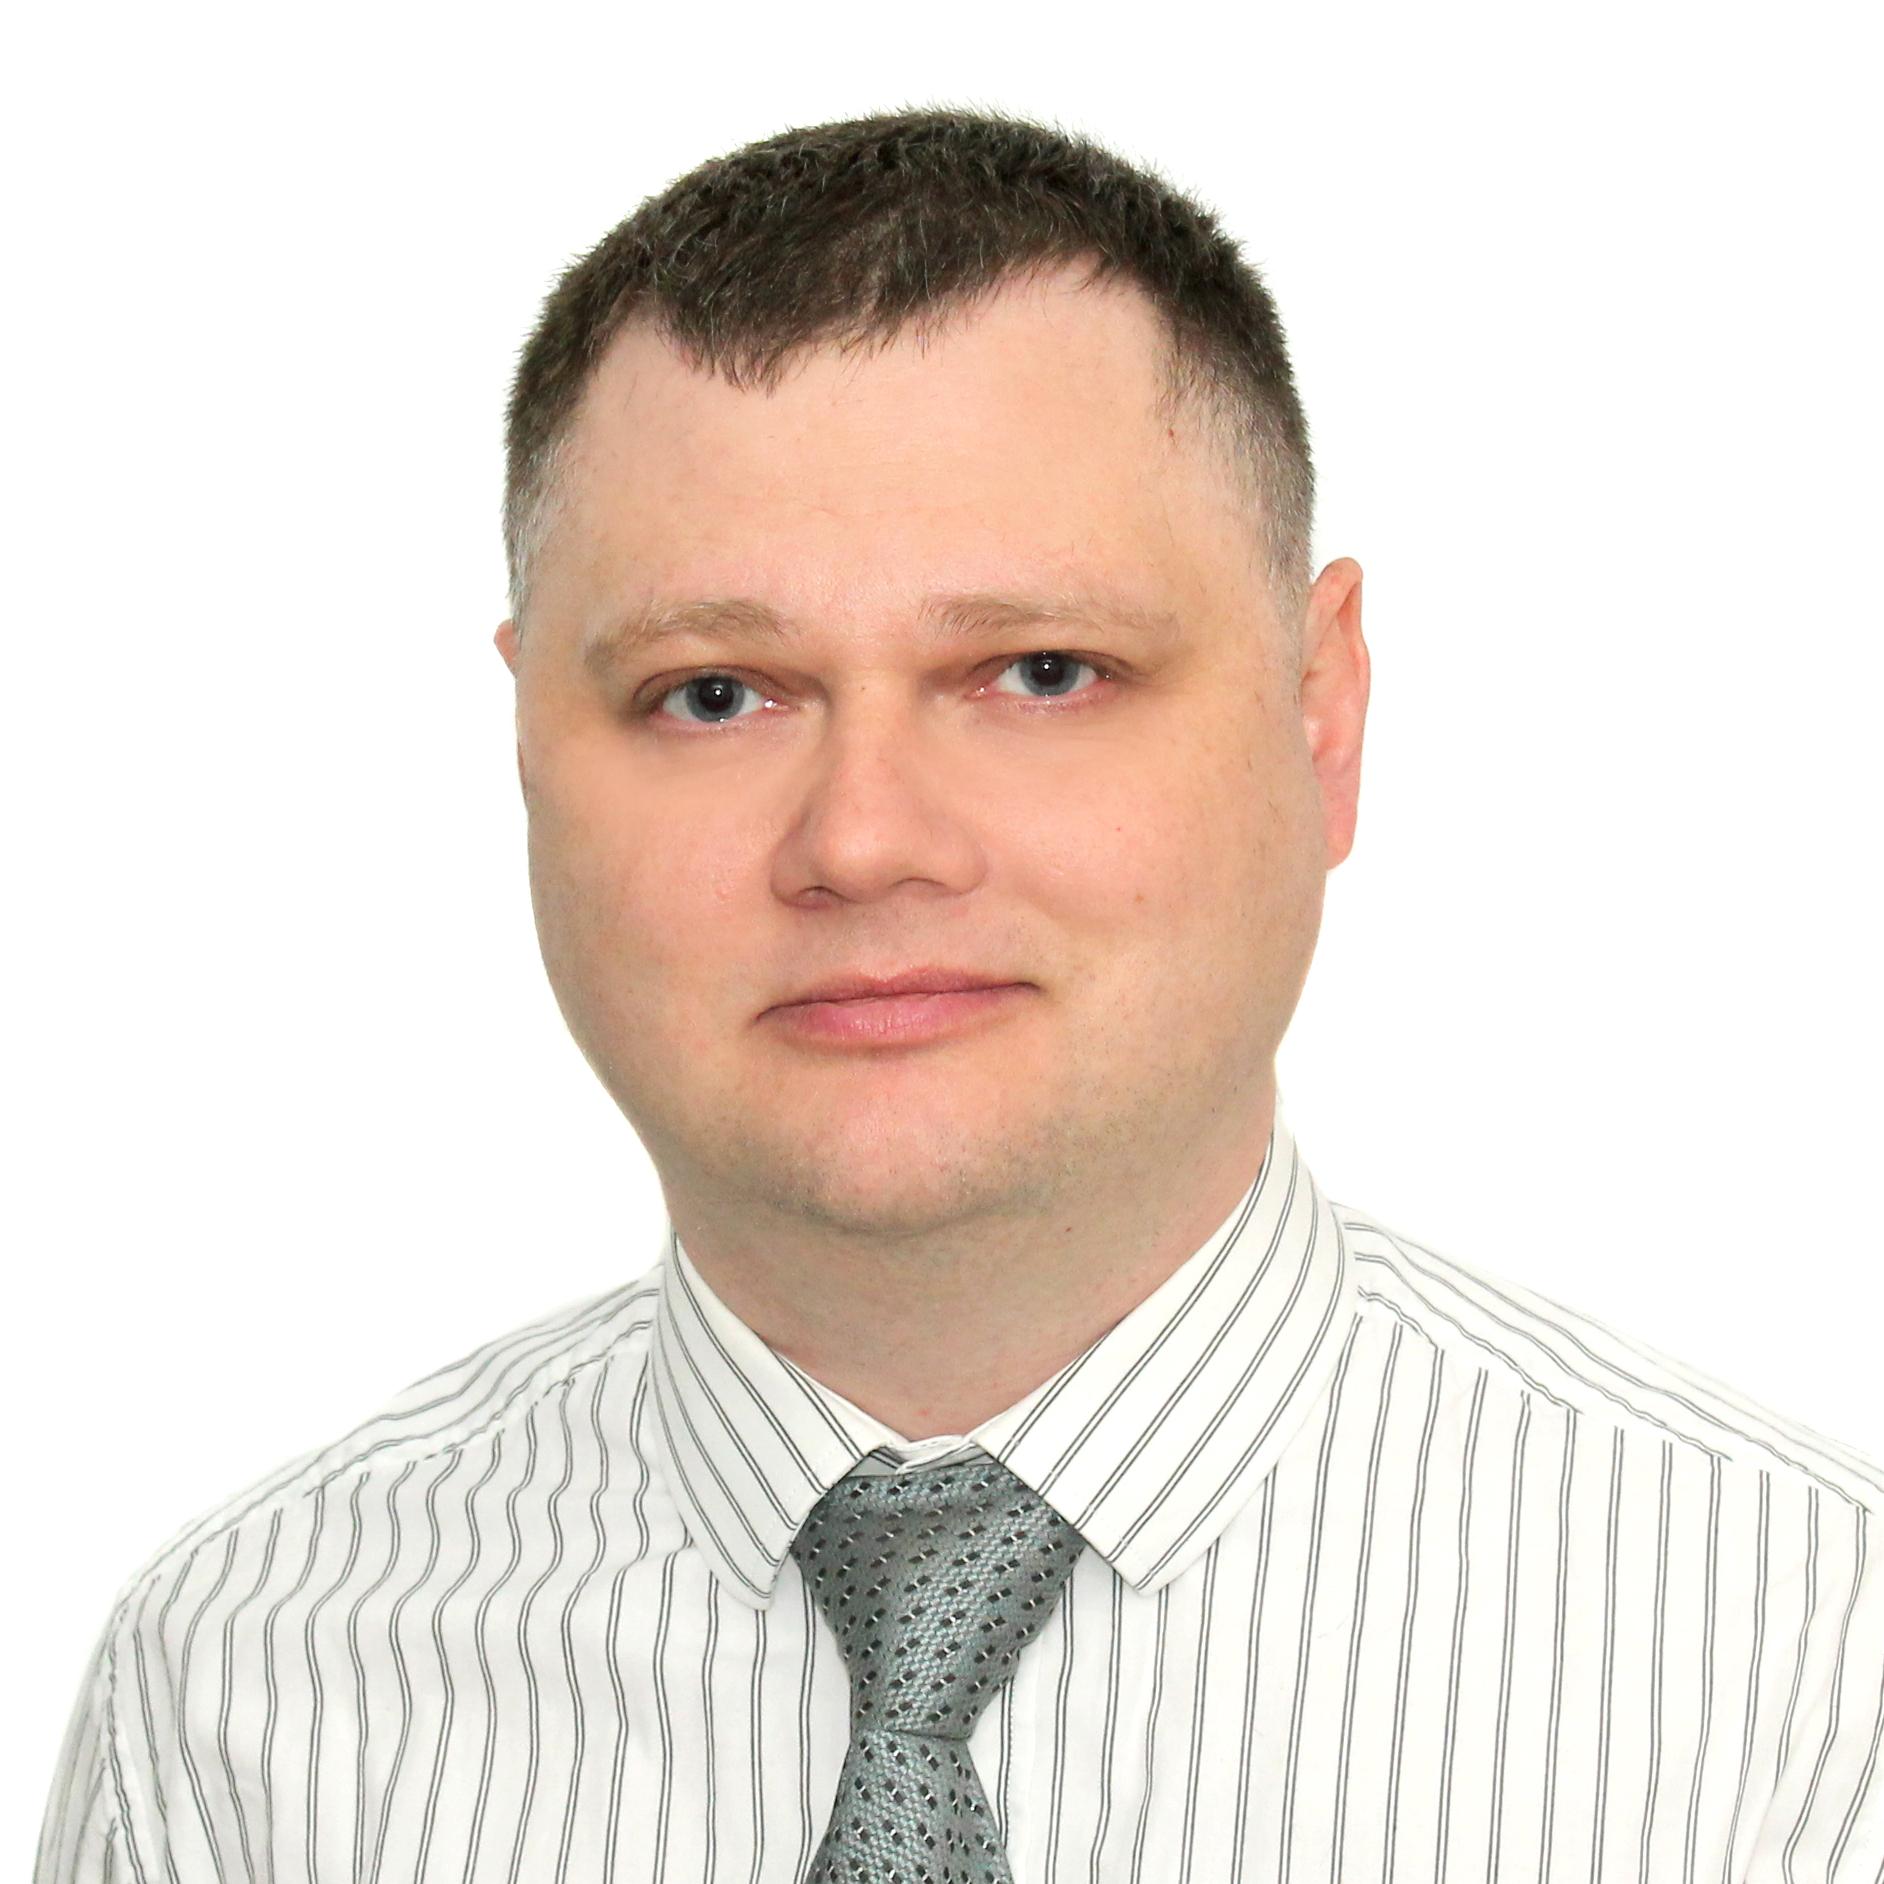 Скубченко Сергей Т8